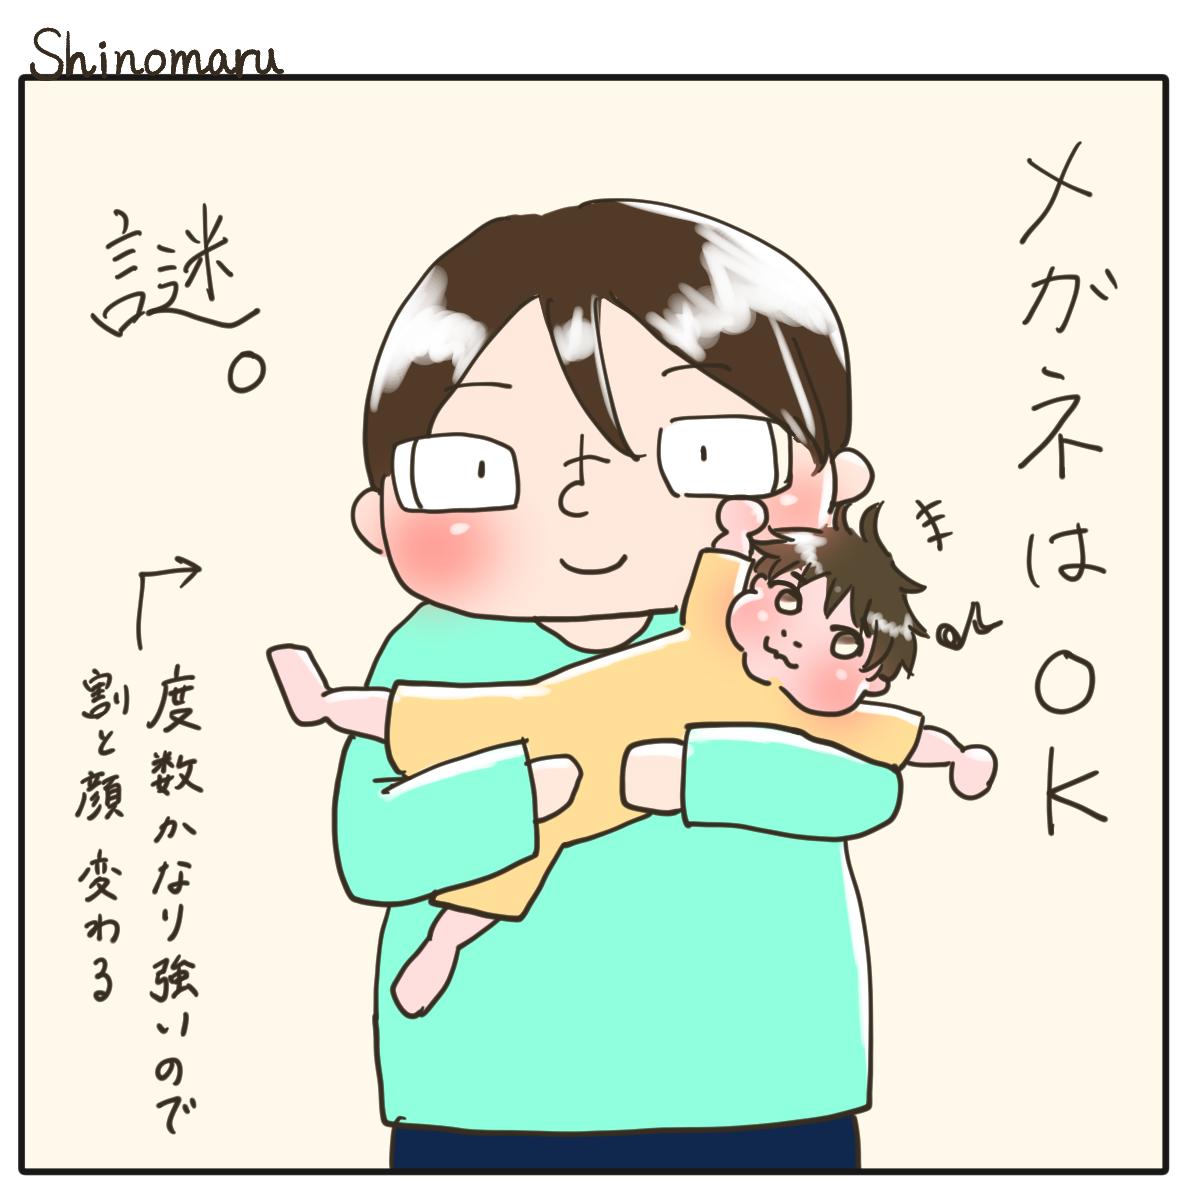 f:id:Shinomaru:20210530212731p:plain